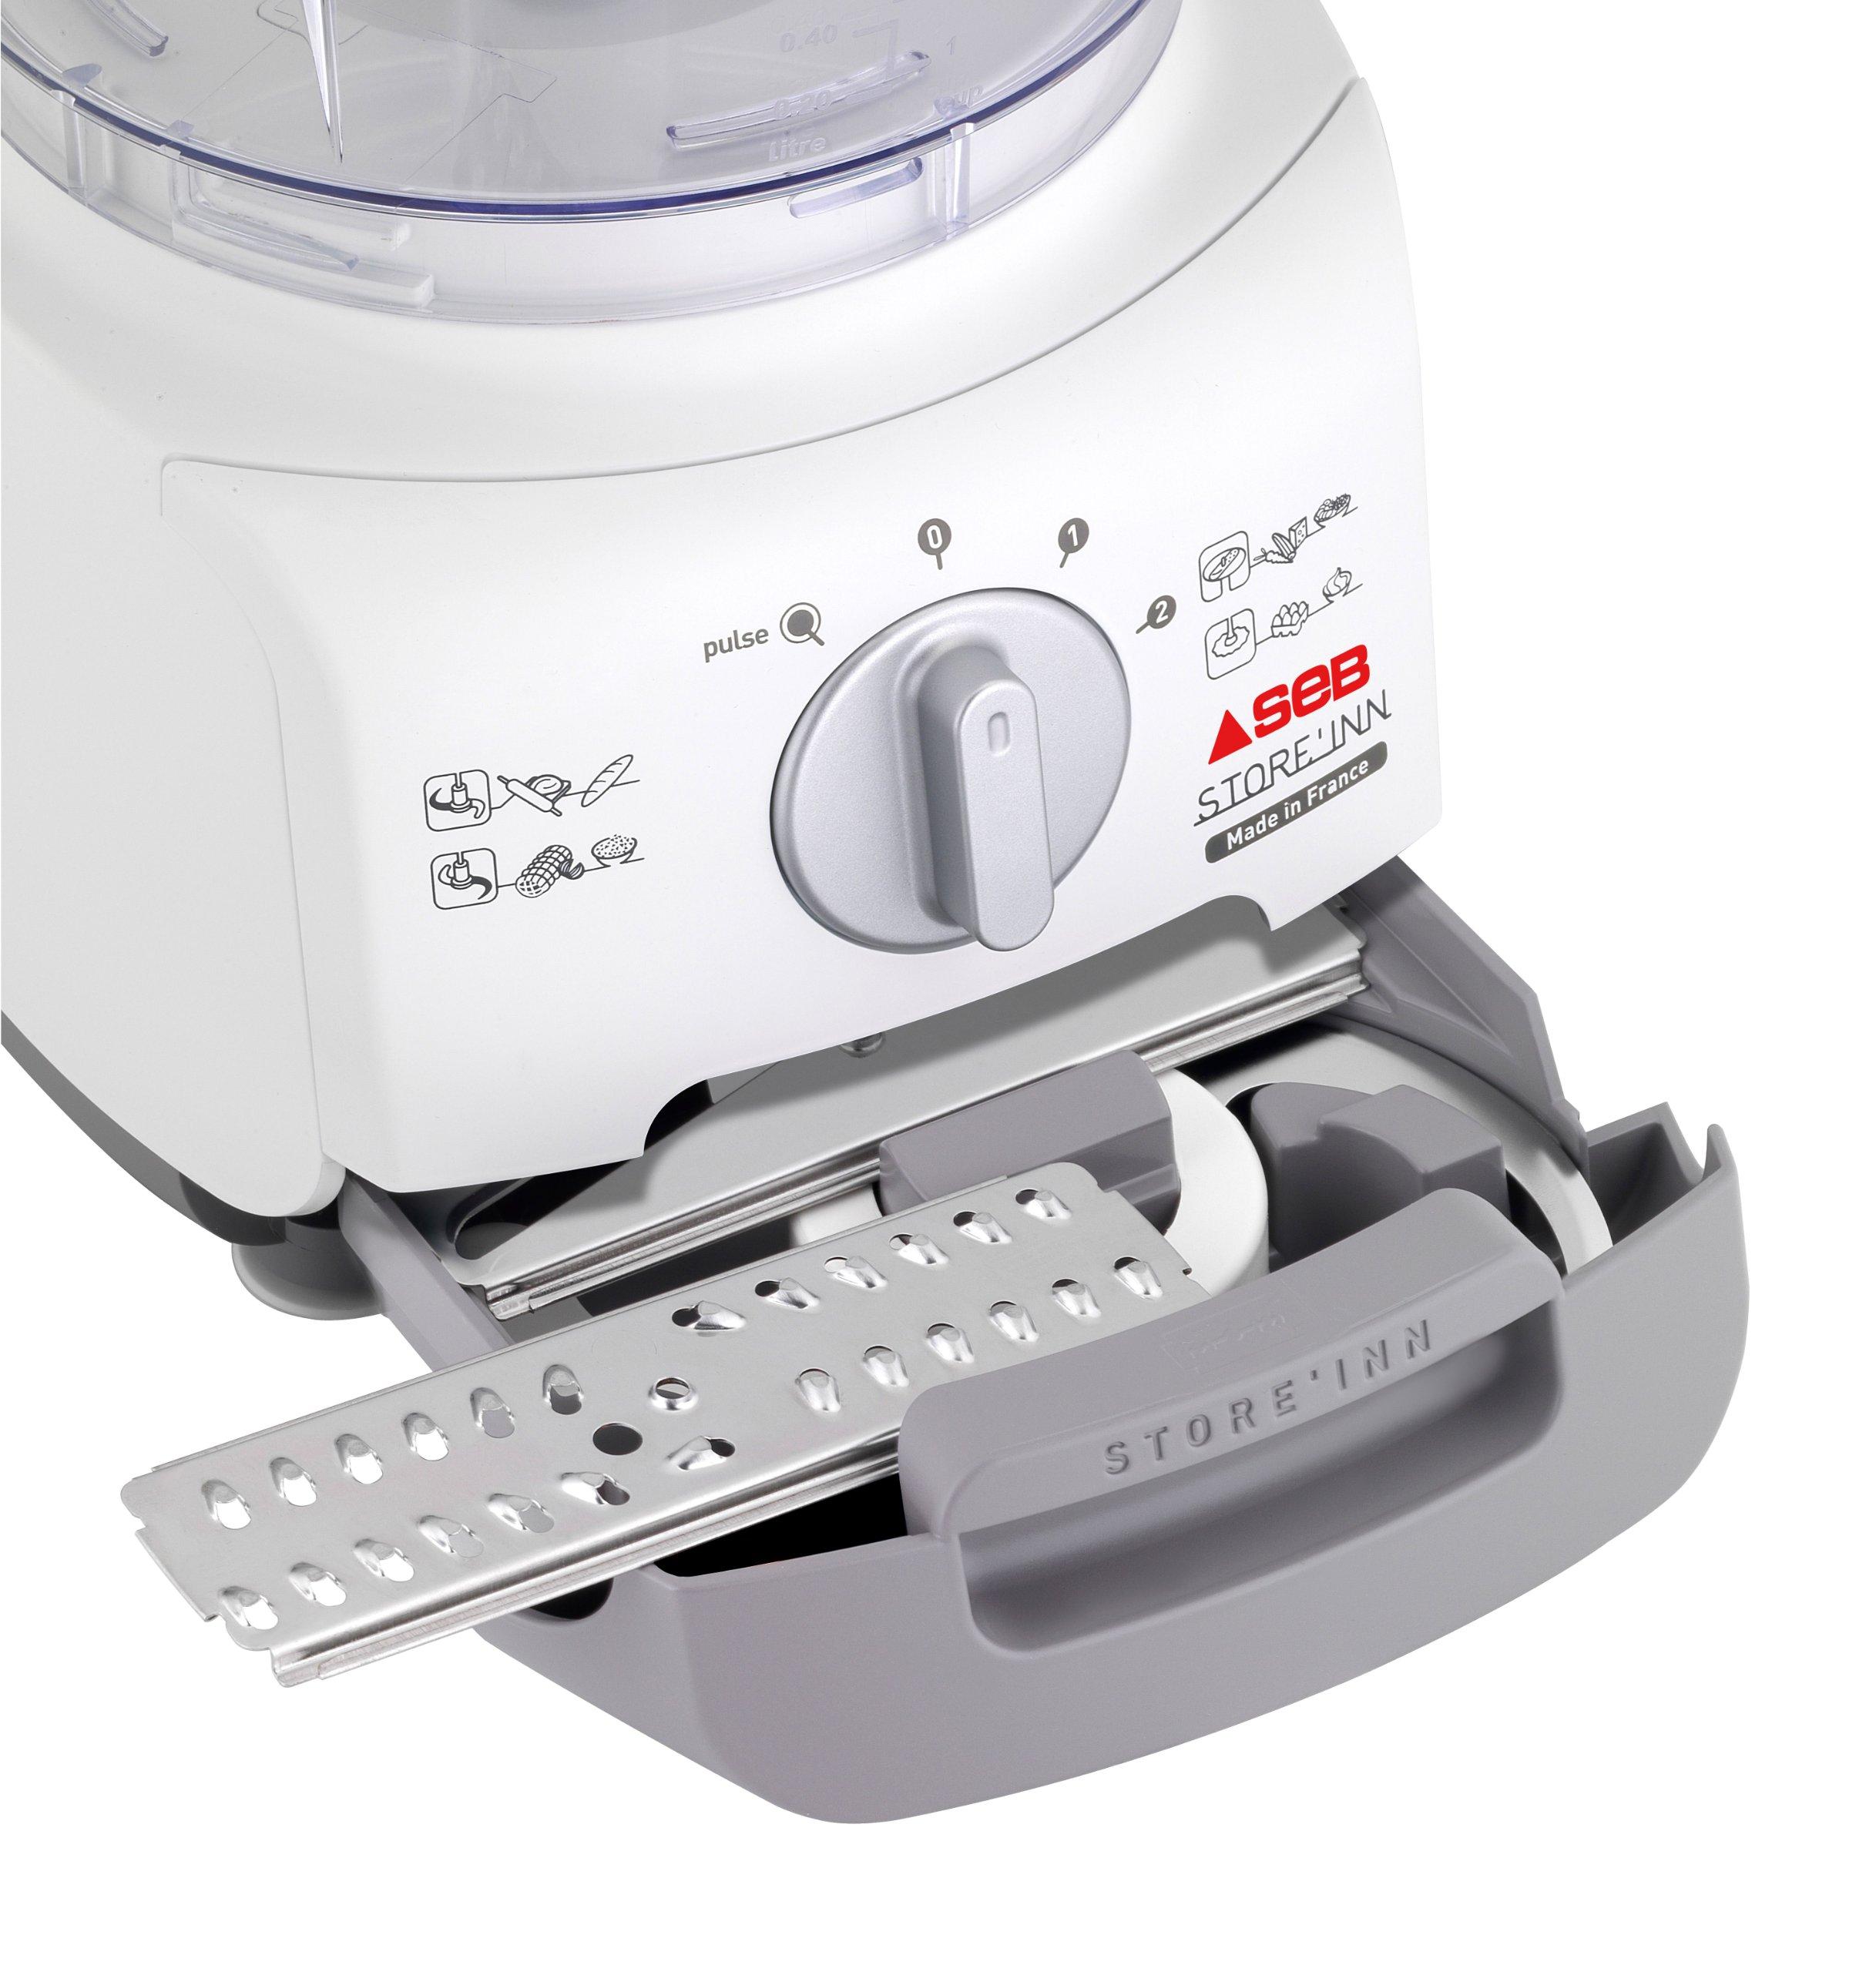 Seb-DO221F00-Kchenmaschine-Store-Inn-2-l